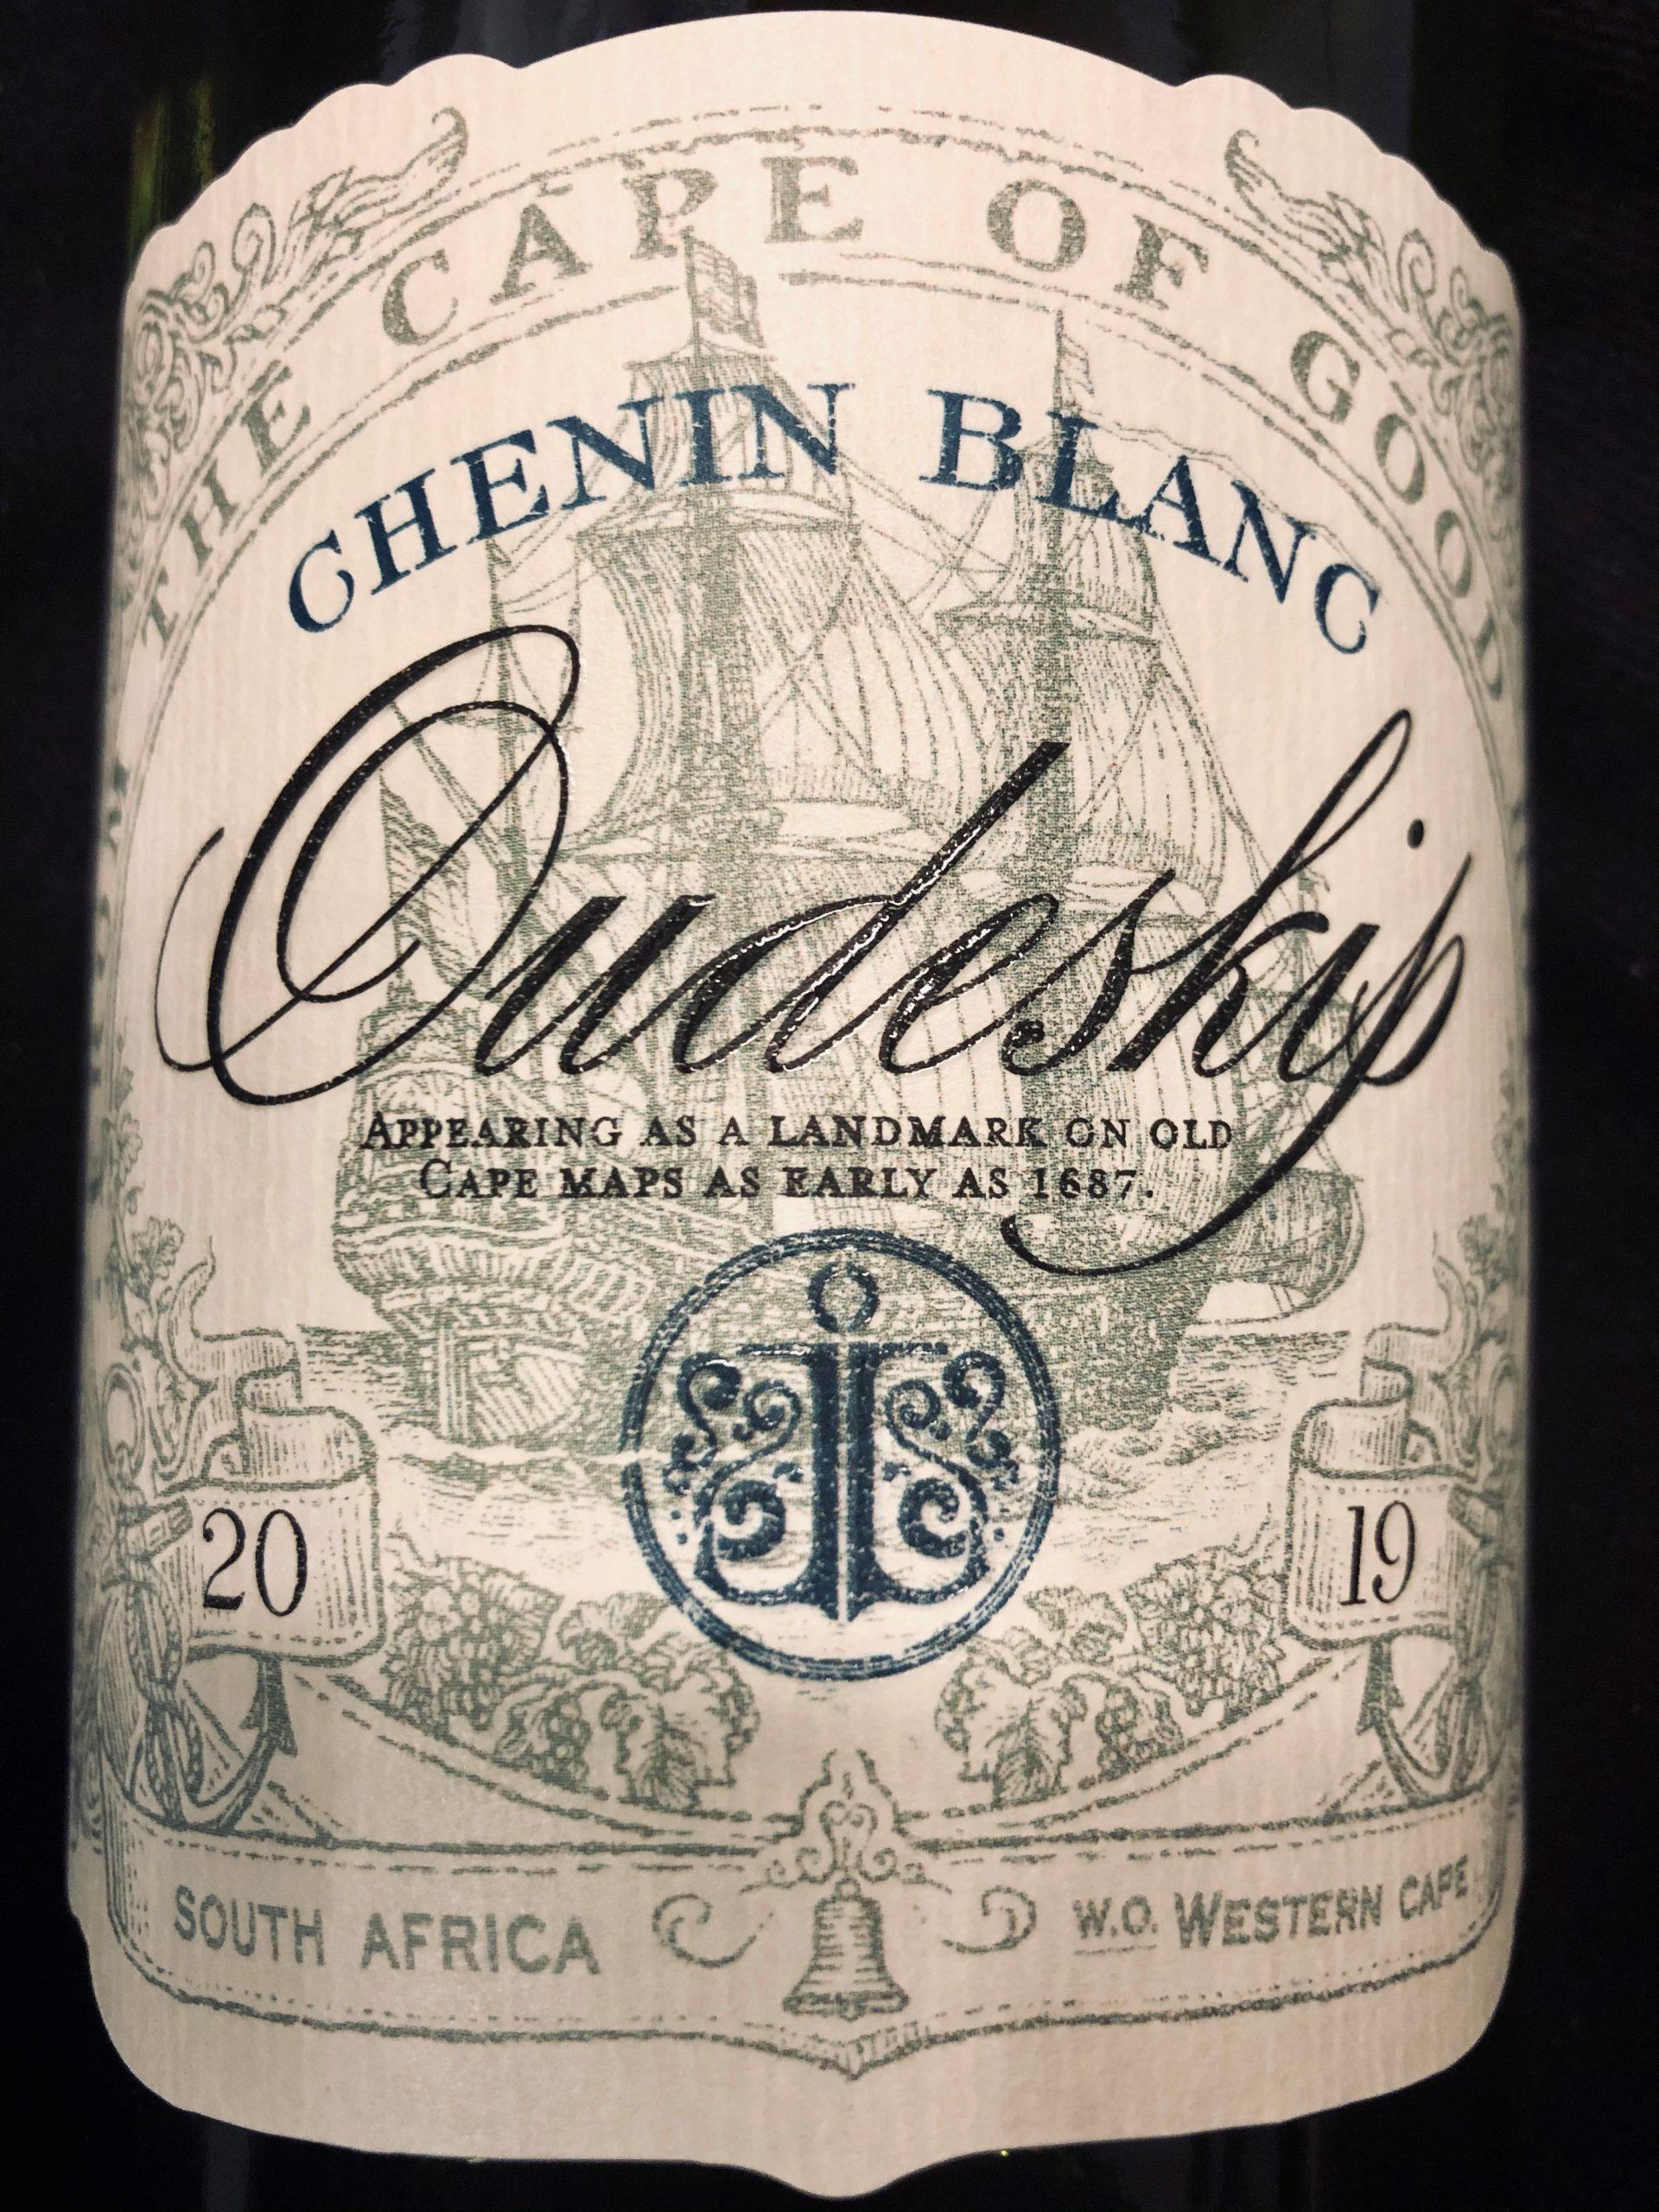 Oudeskip Chenin Blanc 2019